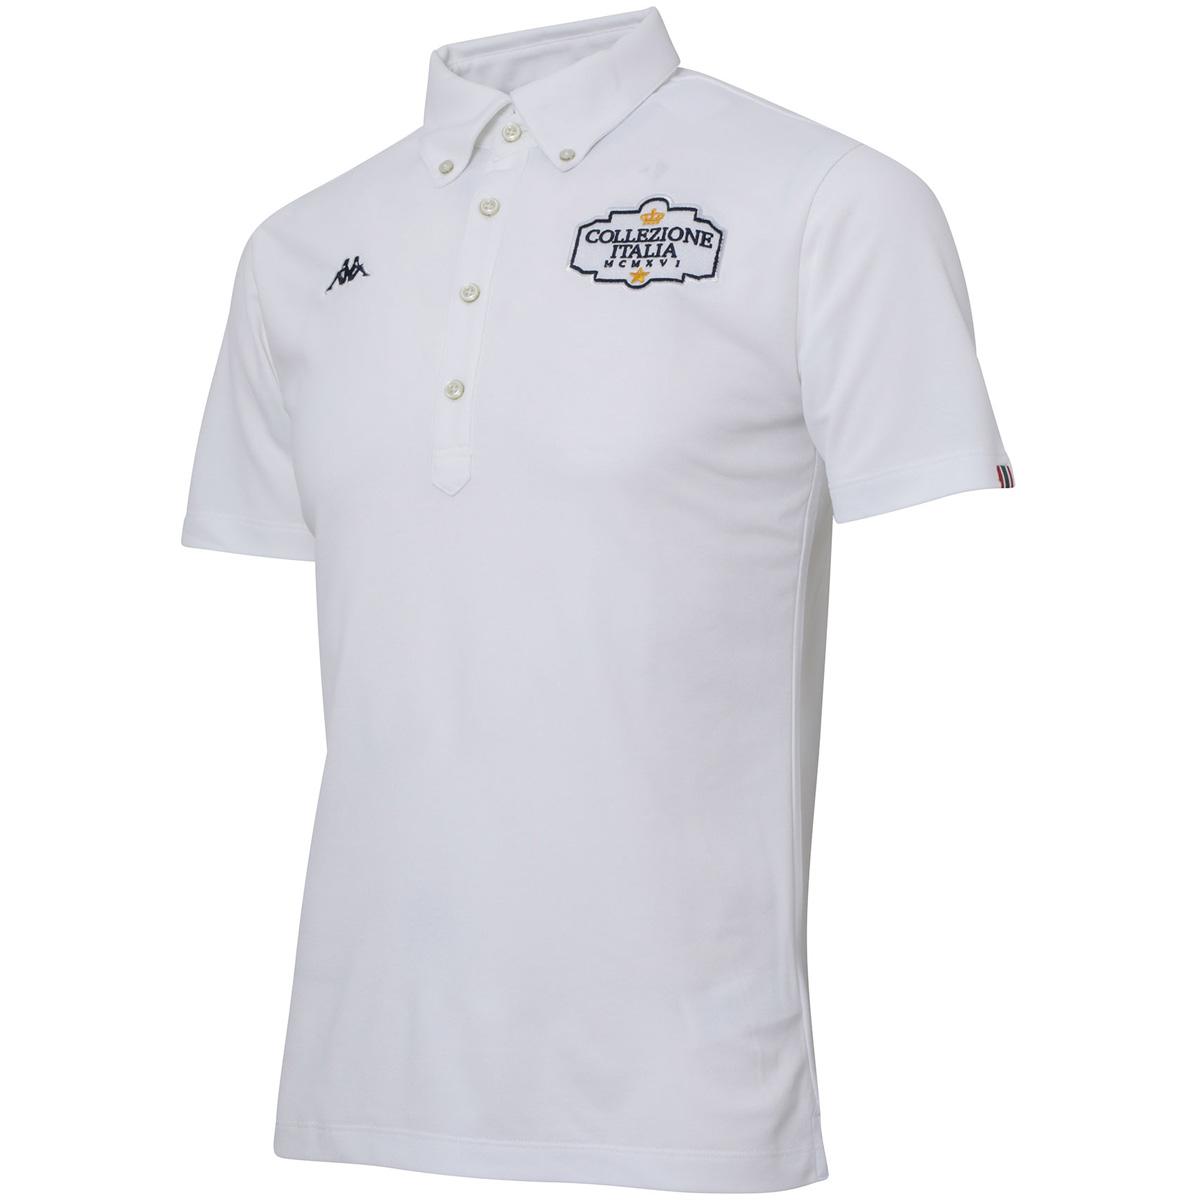 Collezione ITALIA 胸グラフィック半袖ポロシャツ